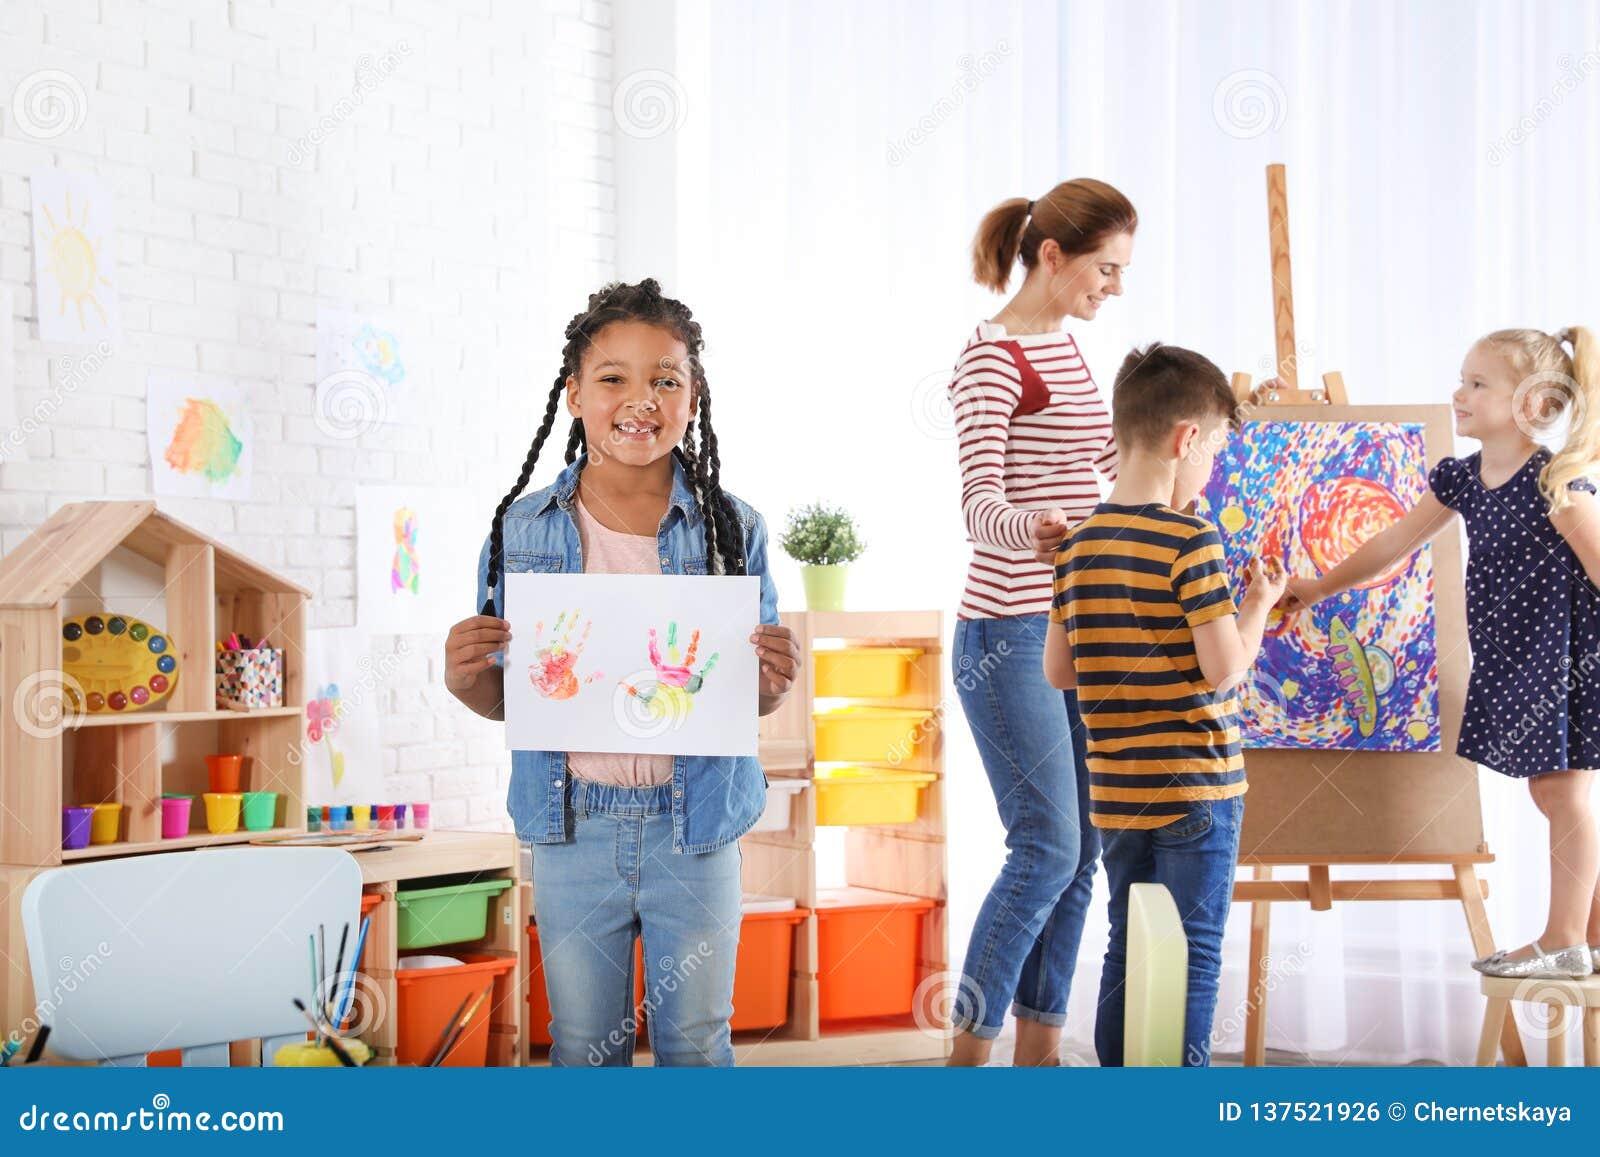 Hoja de papel linda de la demostración del pequeño niño con las impresiones coloridas de la mano dentro